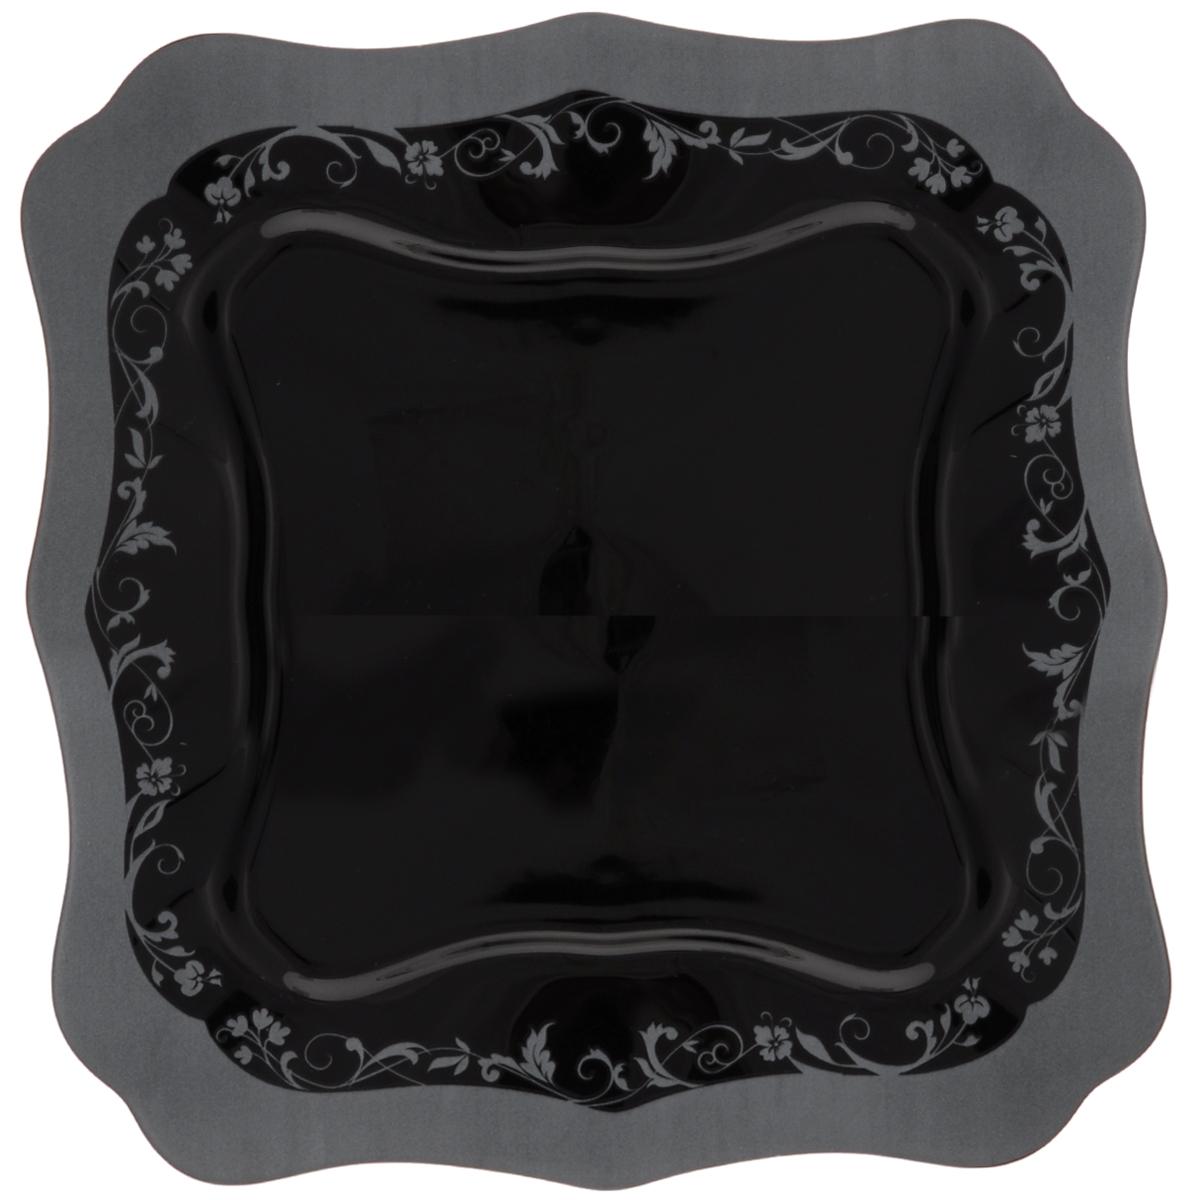 Тарелка обеденная Luminarc Authentic Silver Black, 26 х 26 смH8396Обеденная тарелка Luminarc Authentic Silver Black, изготовленная из высококачественного стекла, имеет изысканный внешний вид. Яркий дизайн придется по вкусу и ценителям классики, и тем, кто предпочитает утонченность. Тарелка Luminarc Authentic Silver Black идеально подойдет для сервировки стола и станет отличным подарком к любому празднику. Размер тарелки (по верхнему краю): 26 х 26 см.